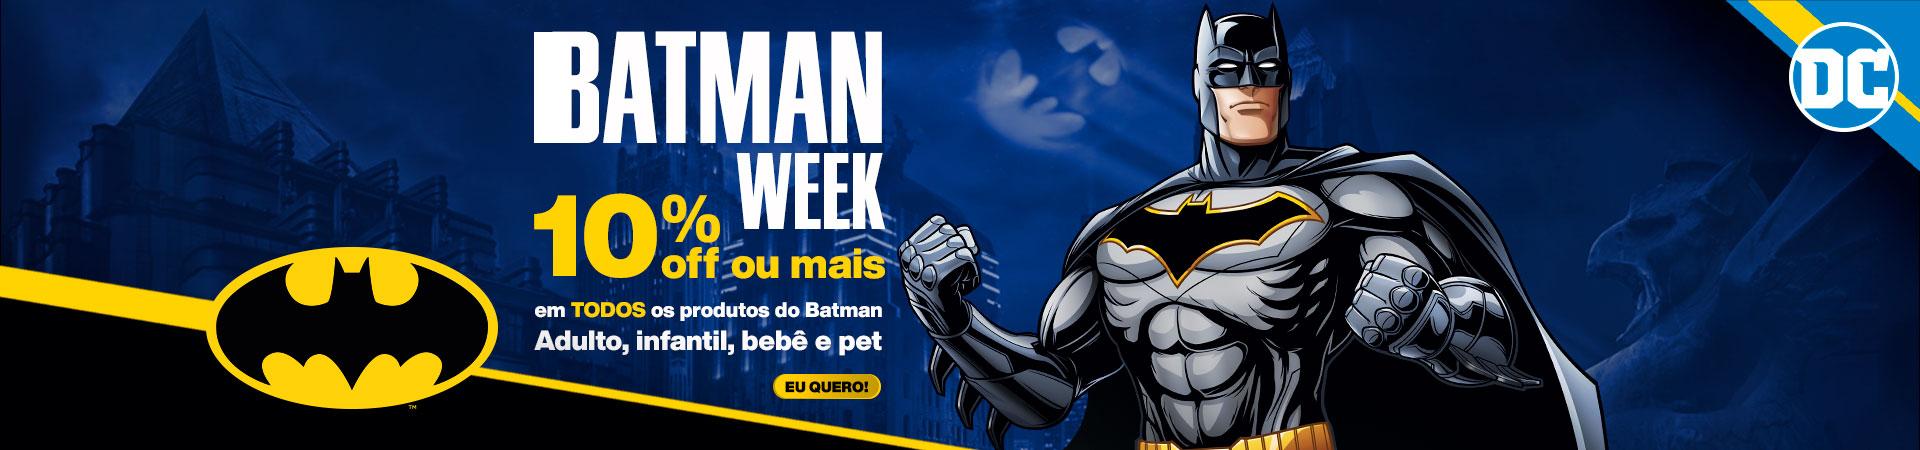 Batman Week